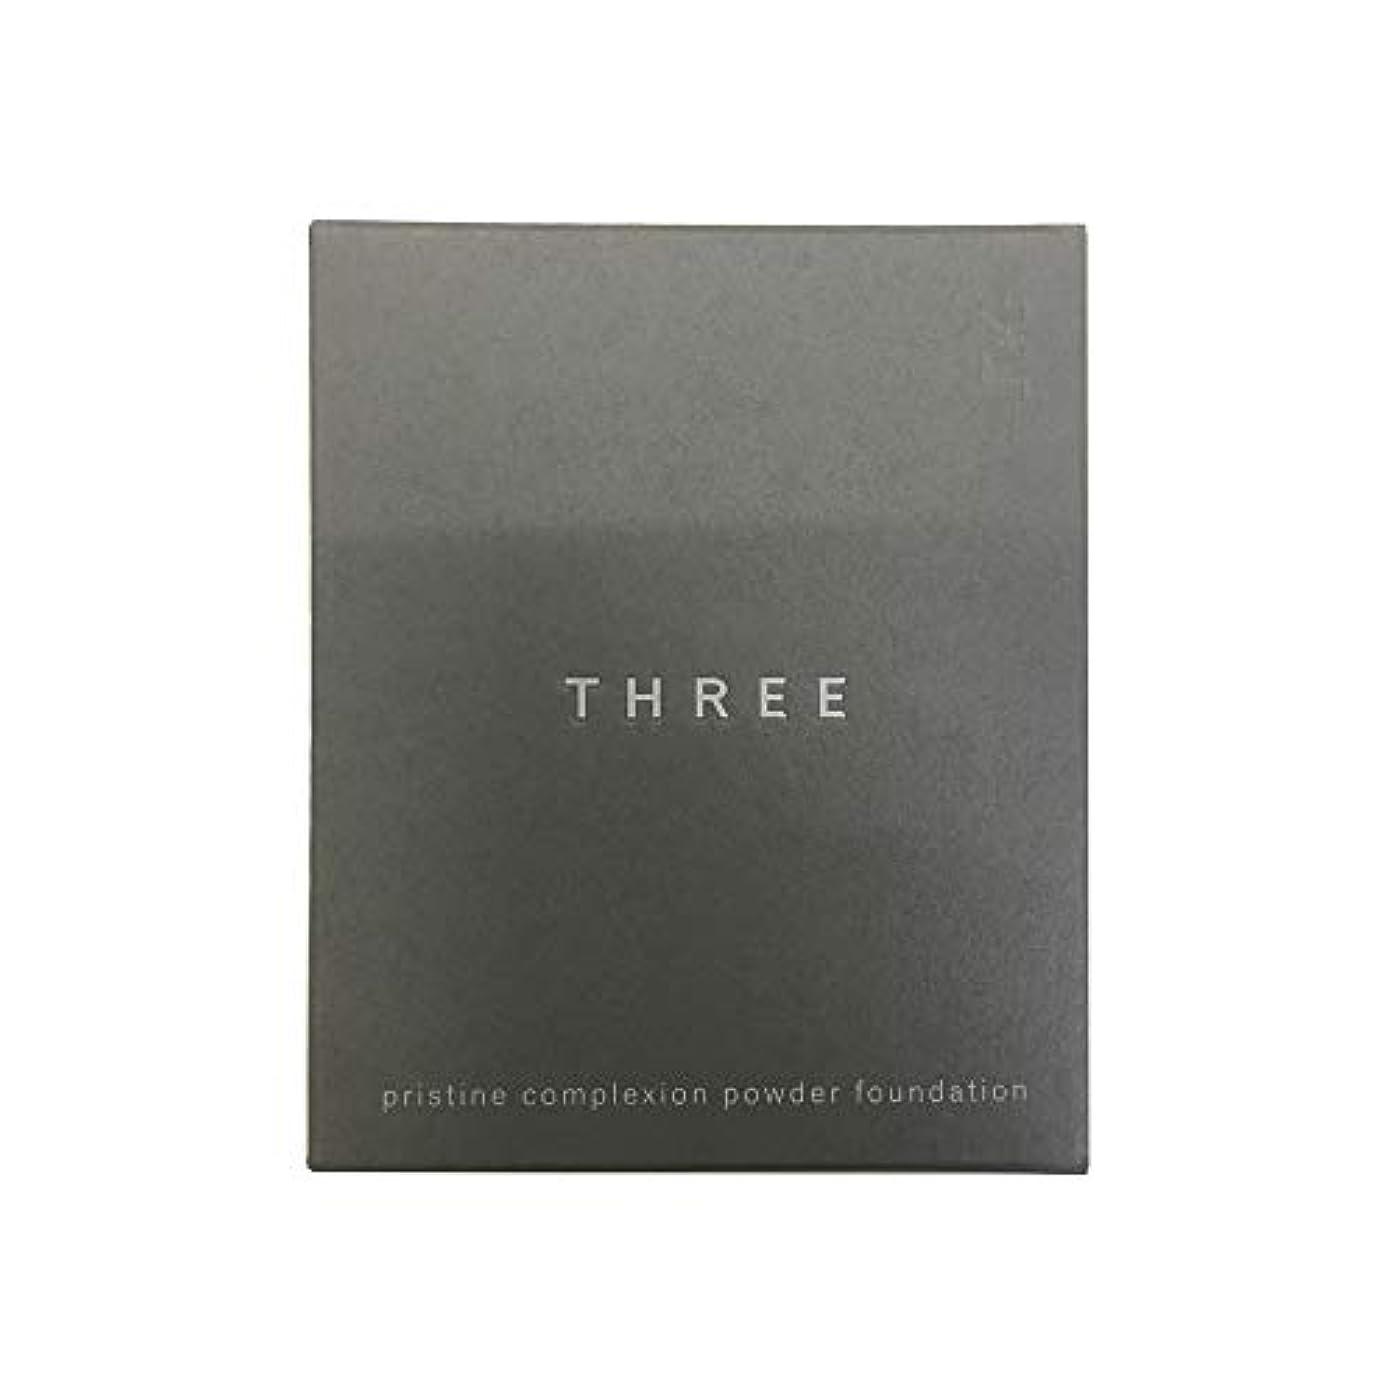 モード科学者一晩THREE(スリー) プリスティーンコンプレクションパウダーファンデーション #203(リフィル) [ パウダーファンデーション ] [並行輸入品]